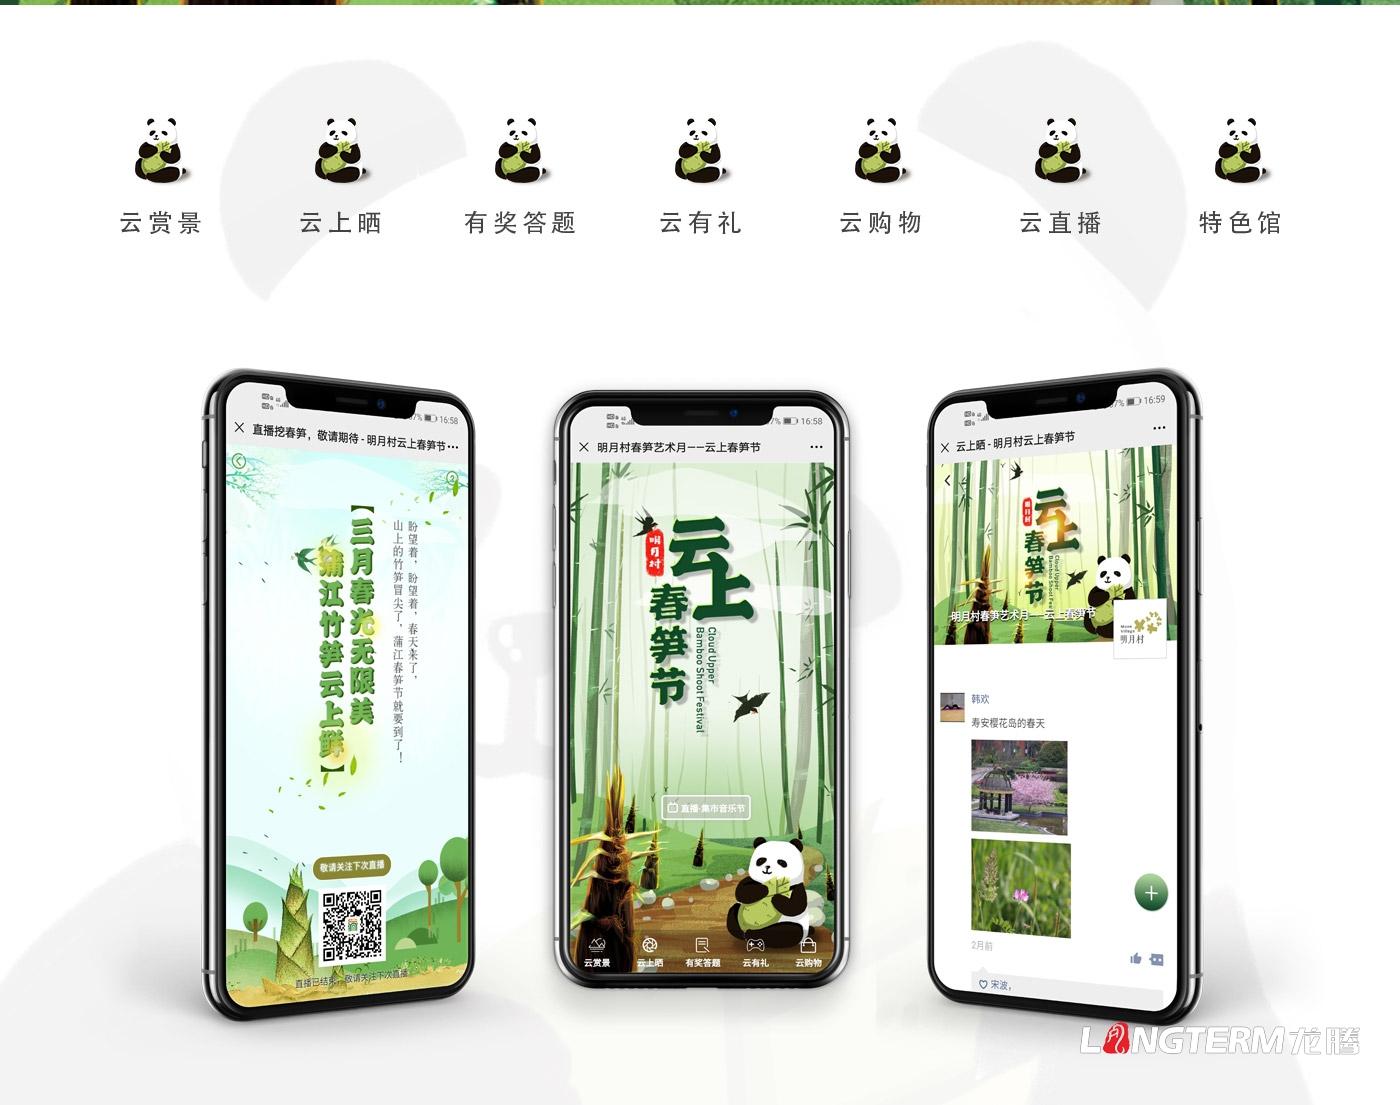 蒲江县云上春笋节H5及小游戏开发